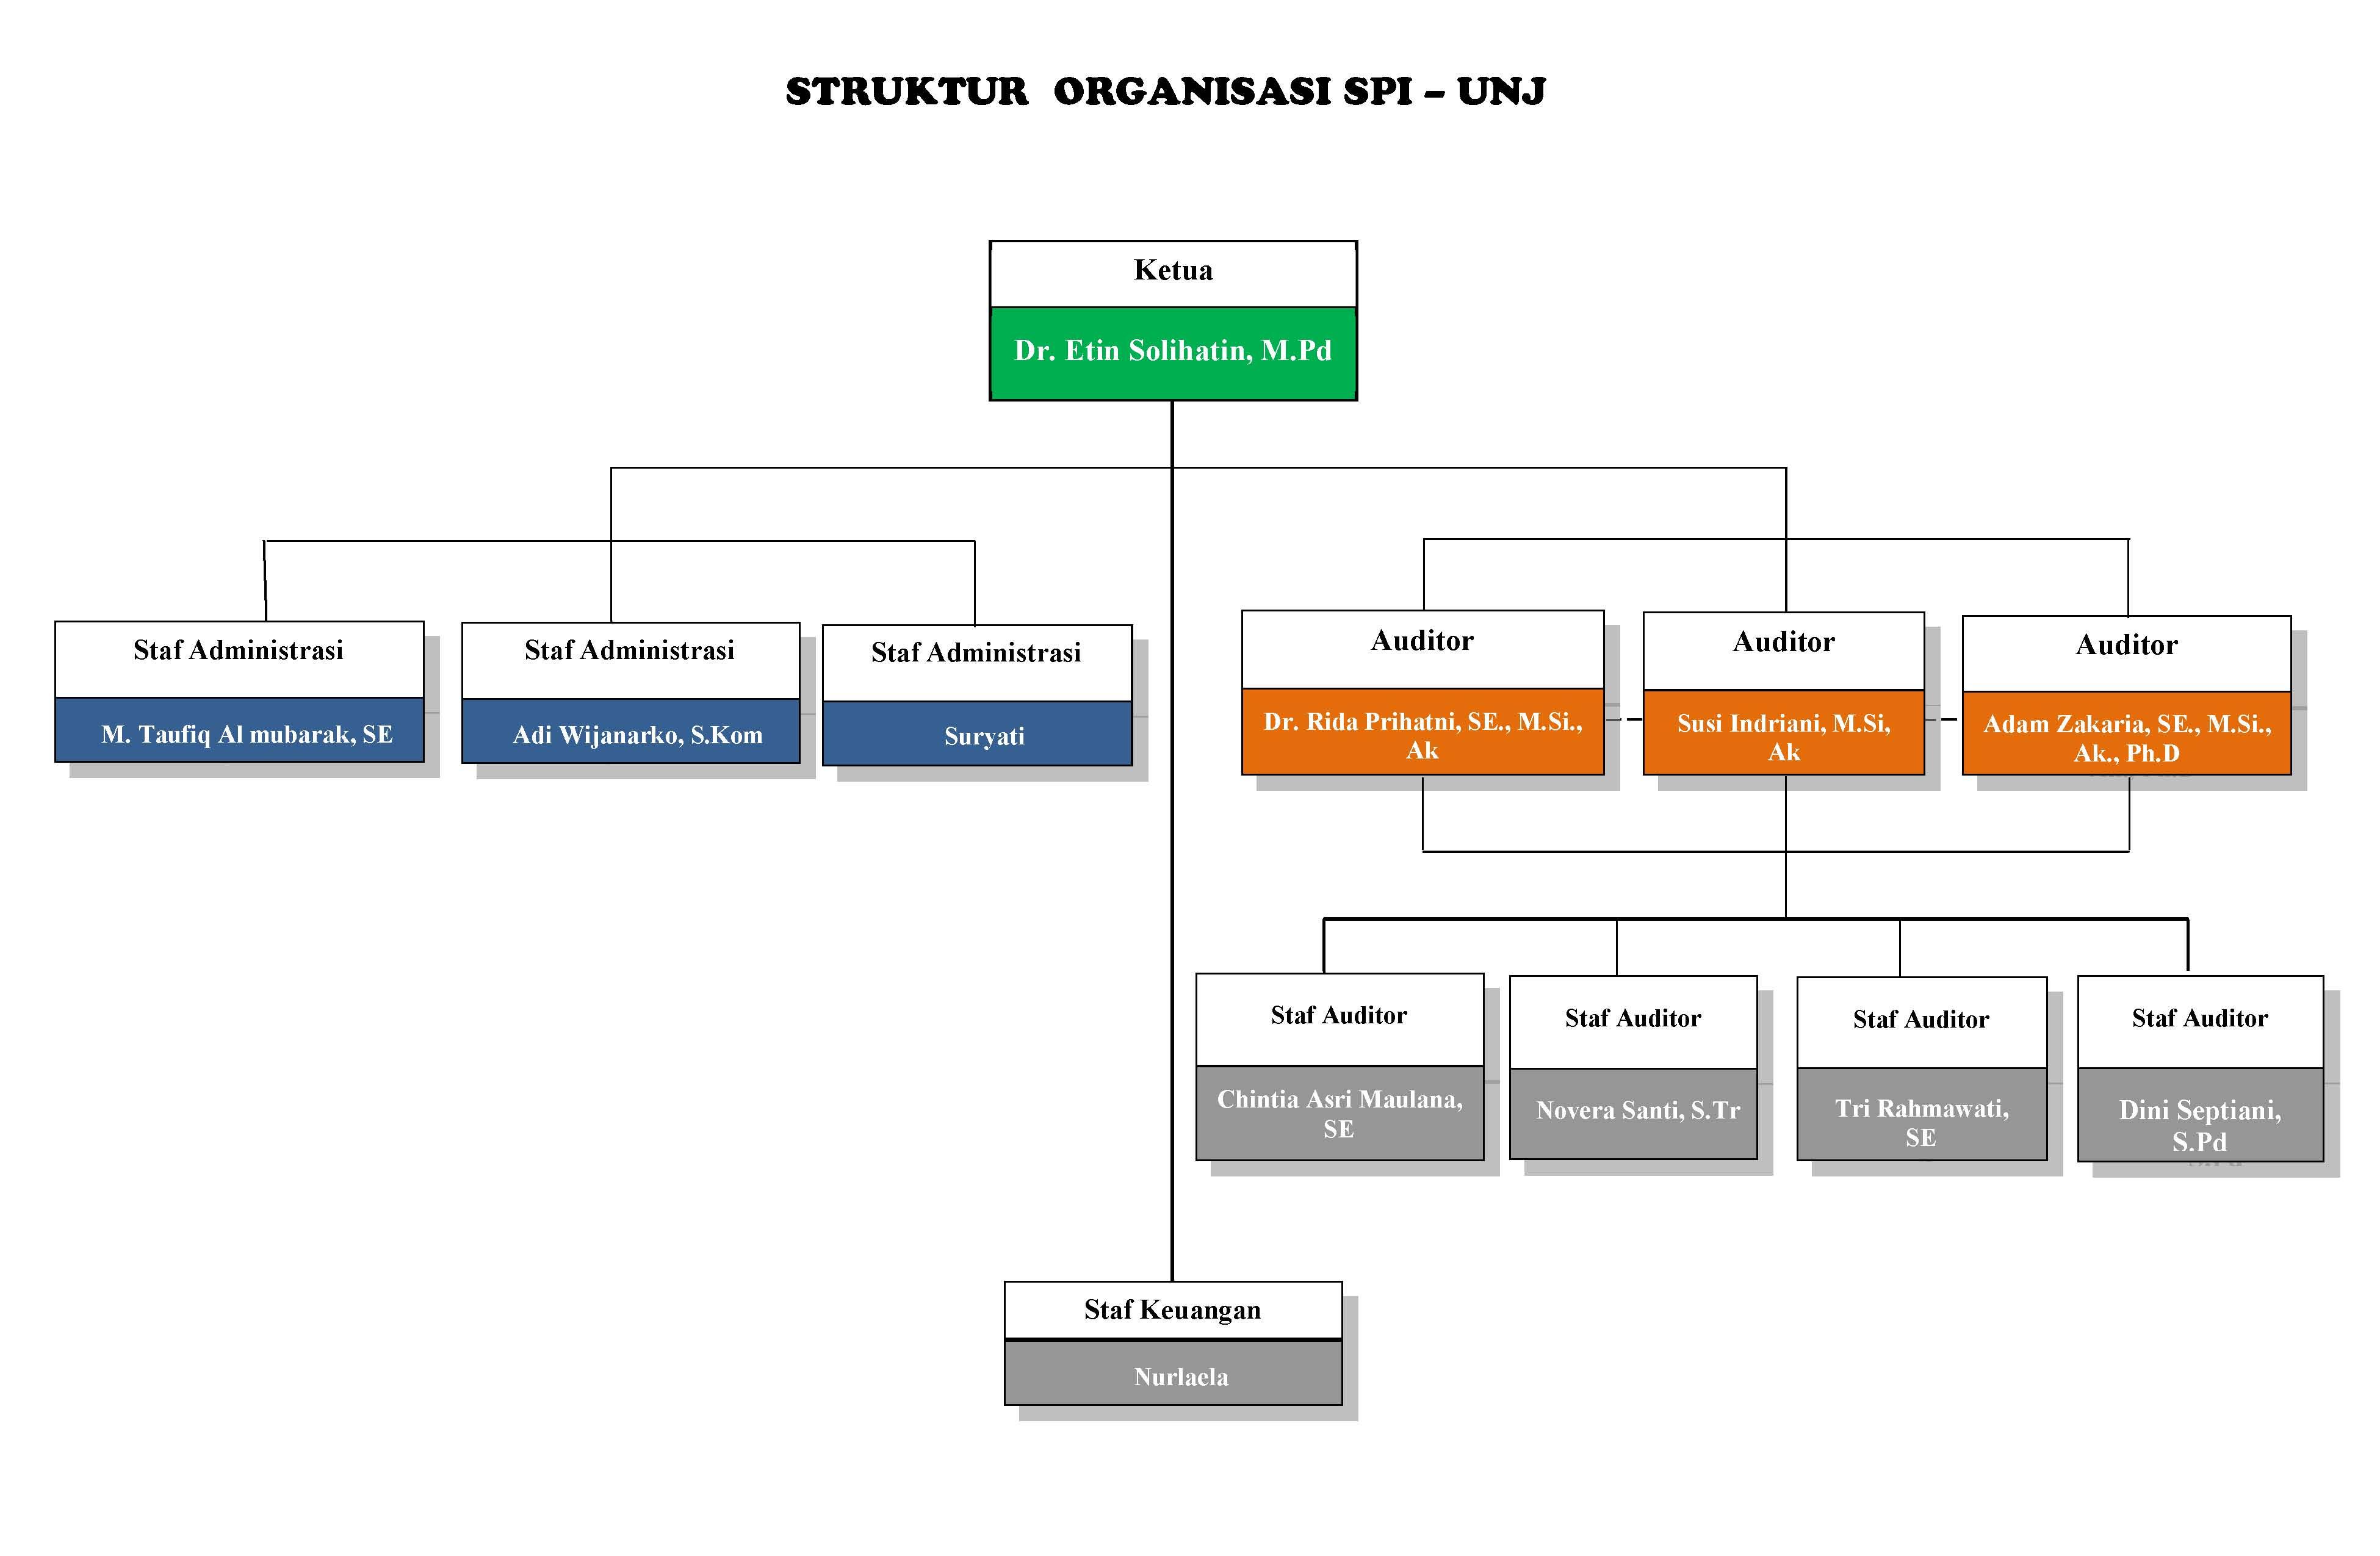 Bagan Struktur Organisasi SPI 2018 ok